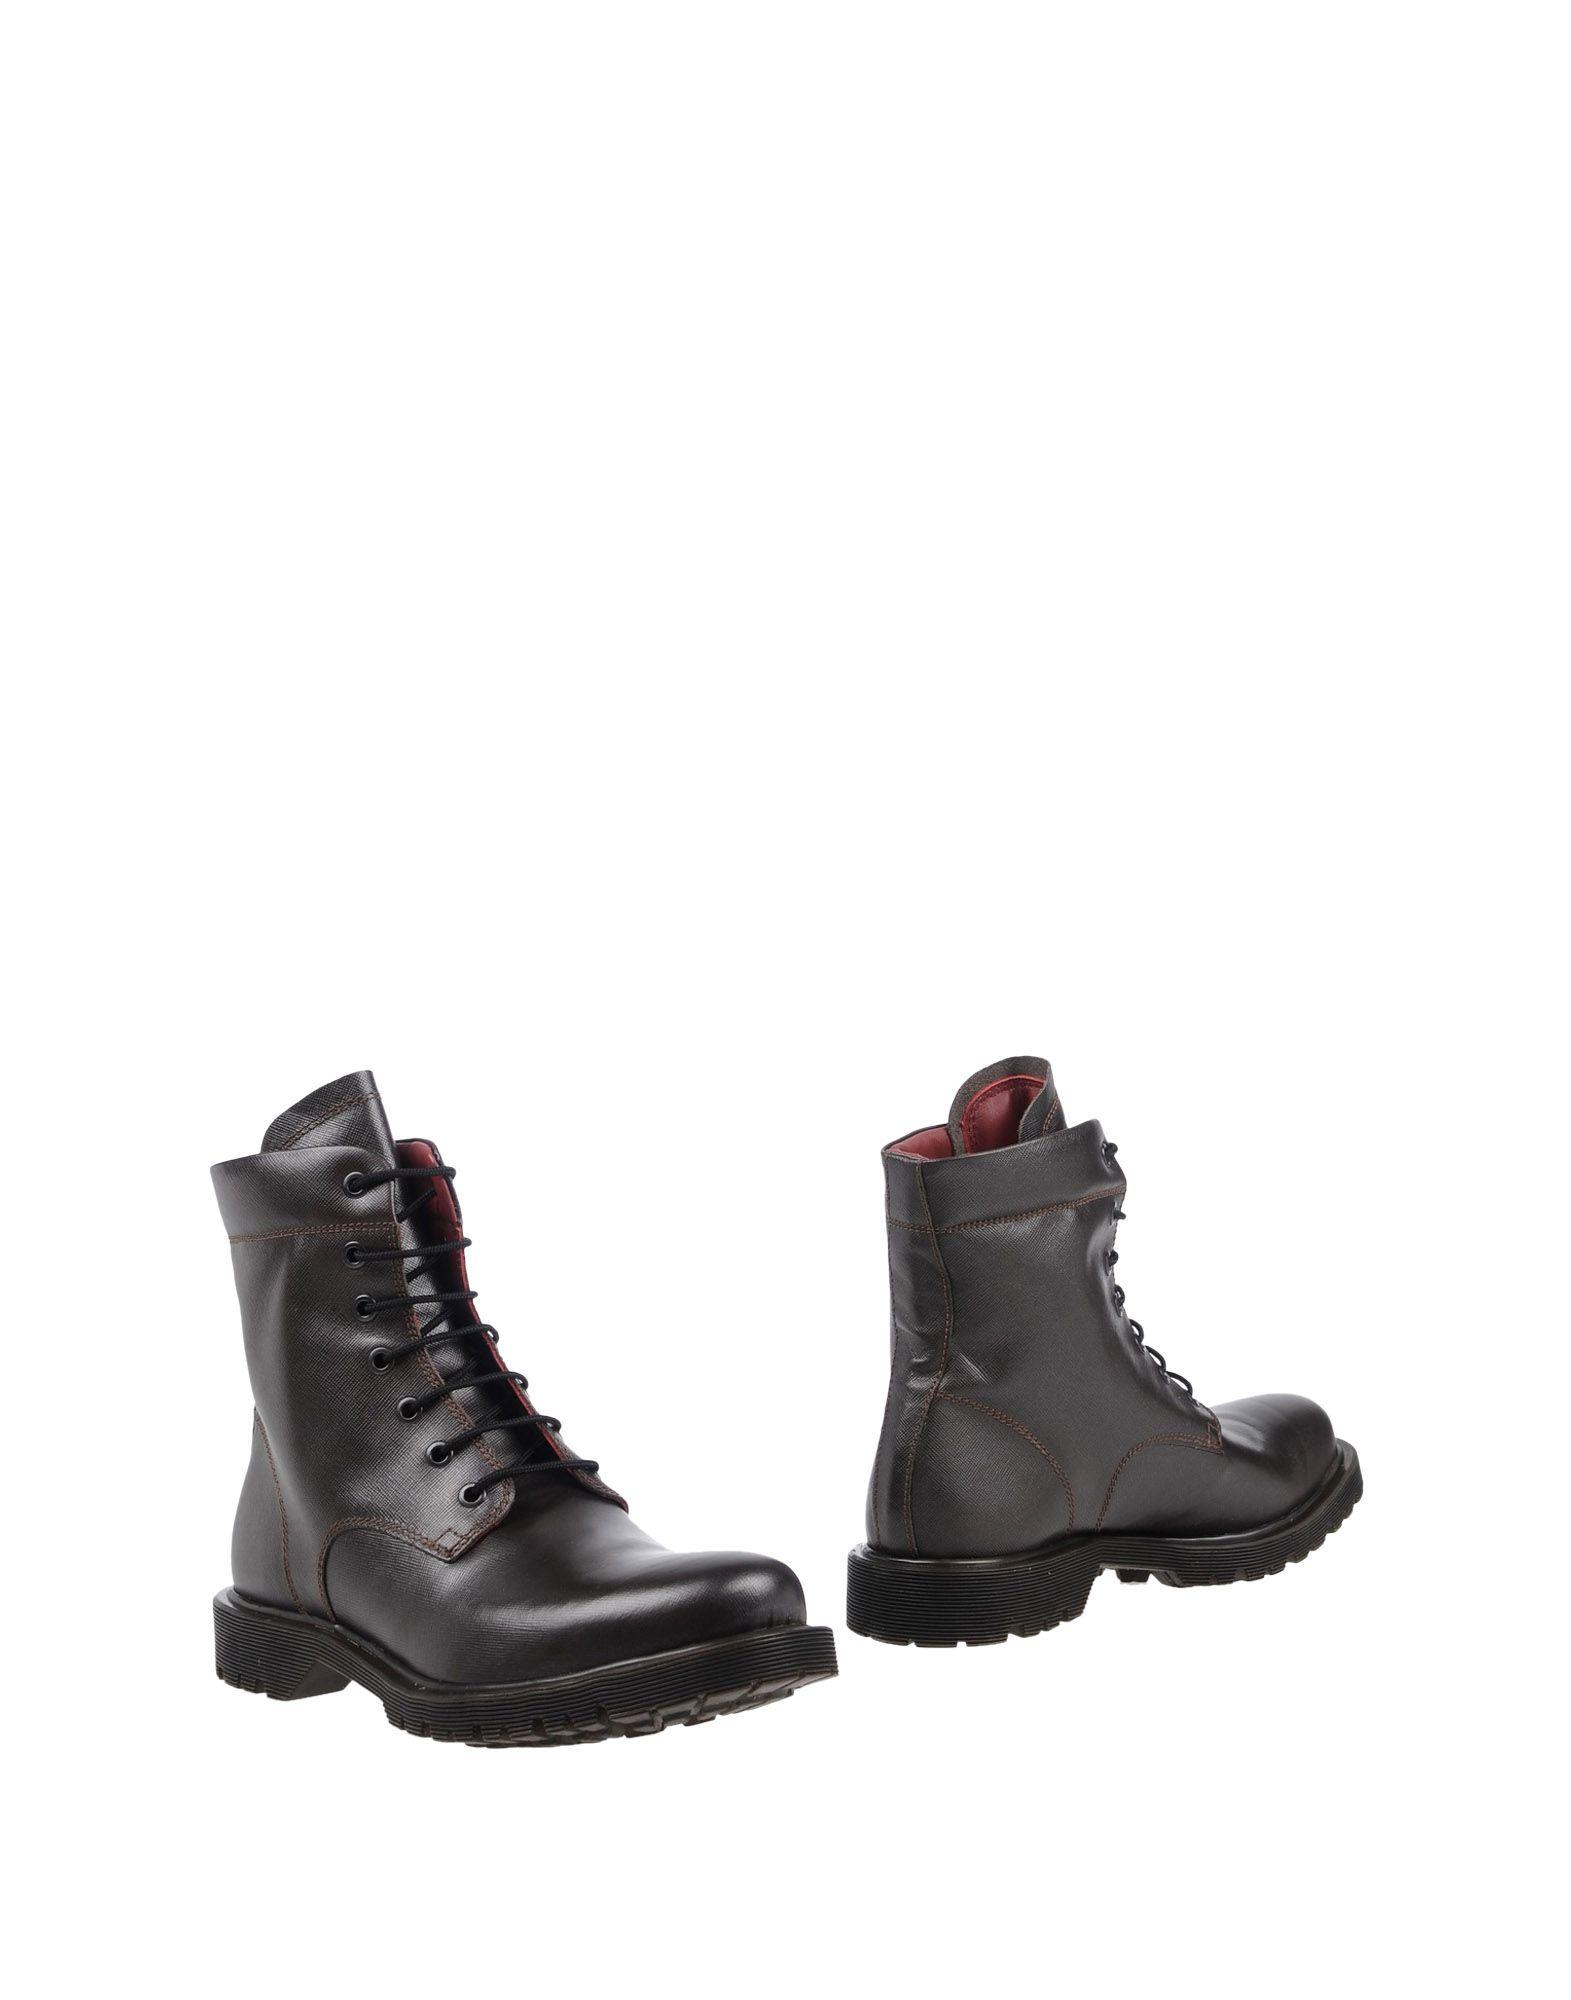 Stivaletti Pantofola D'oro Uomo - 11459857PC